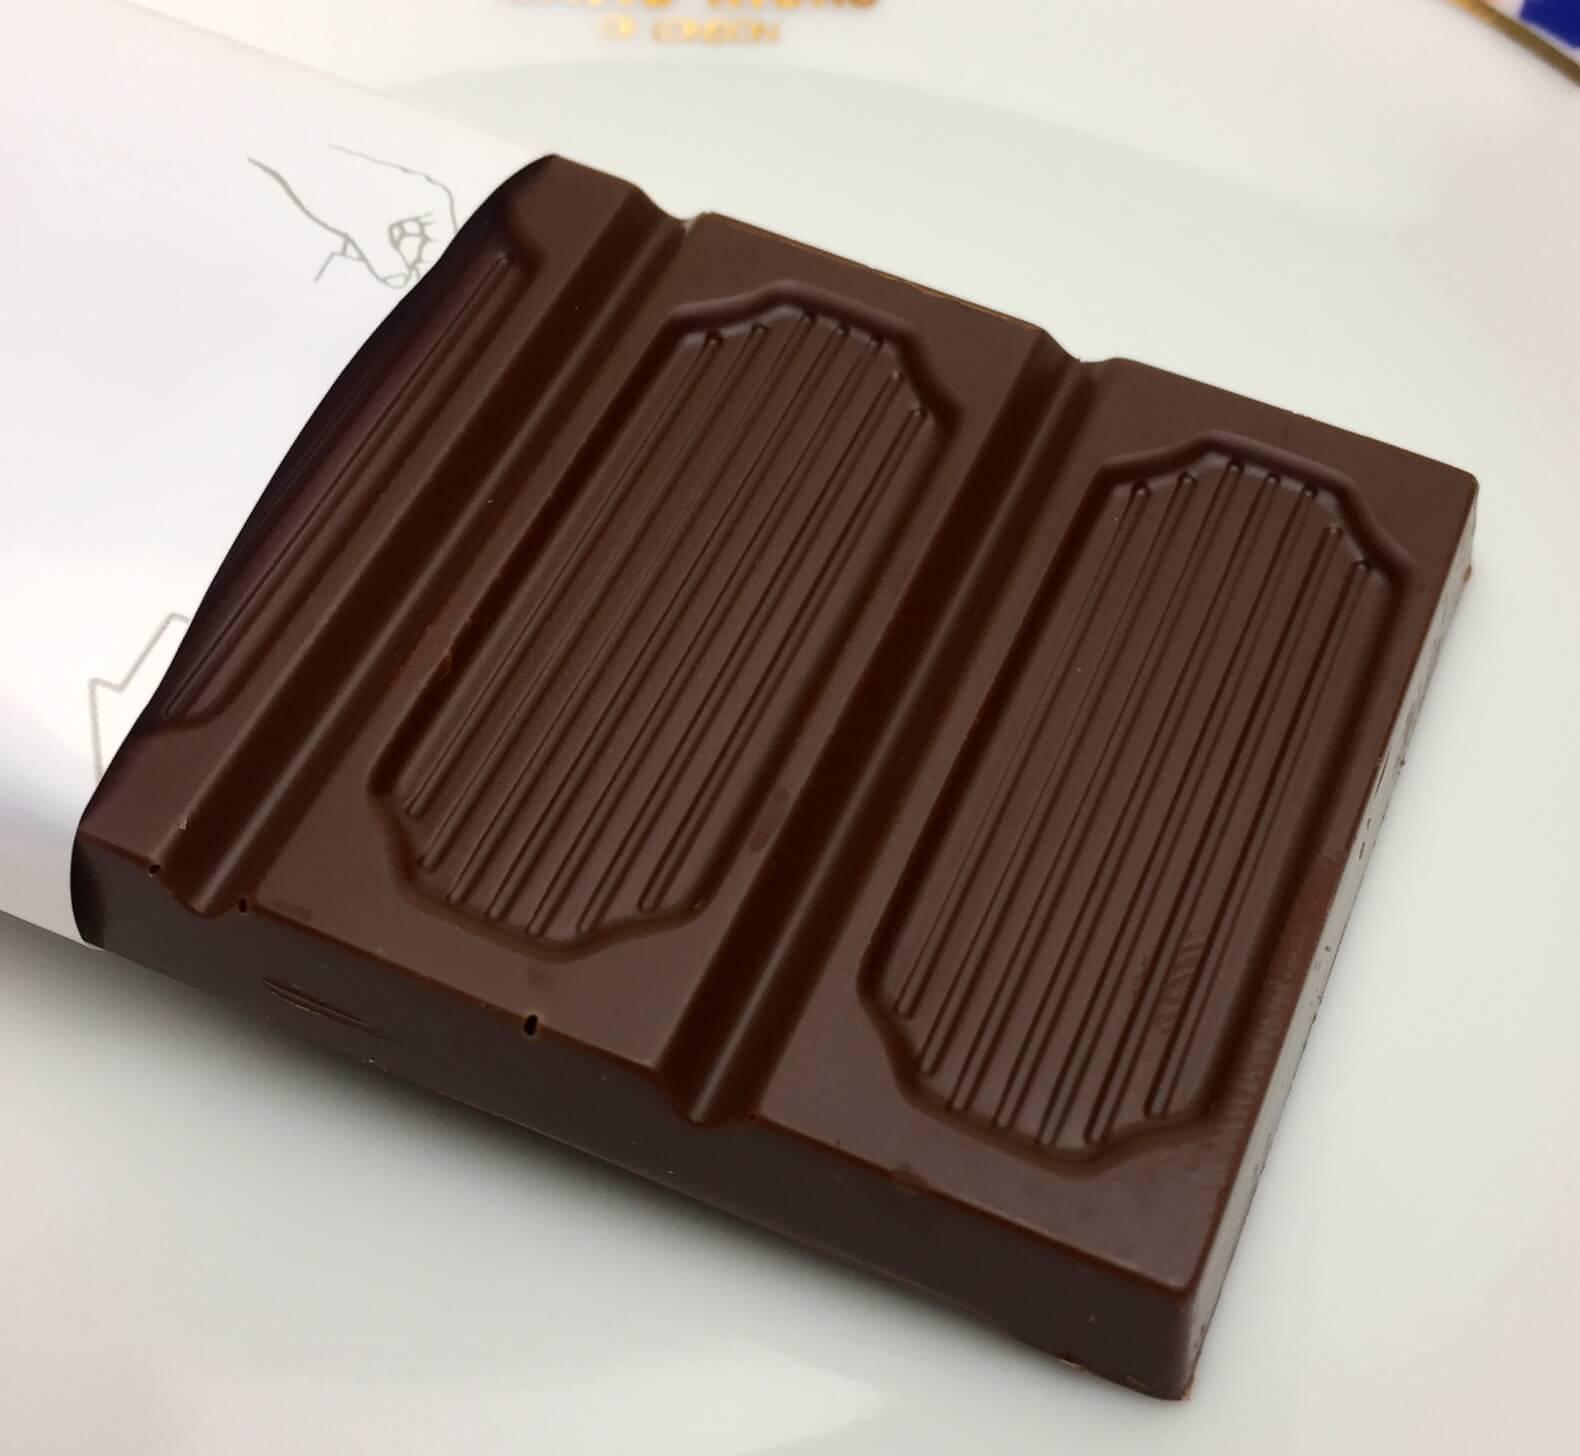 日本で見つけた安心して食べれられるチョコレート! ベスト2のご紹介